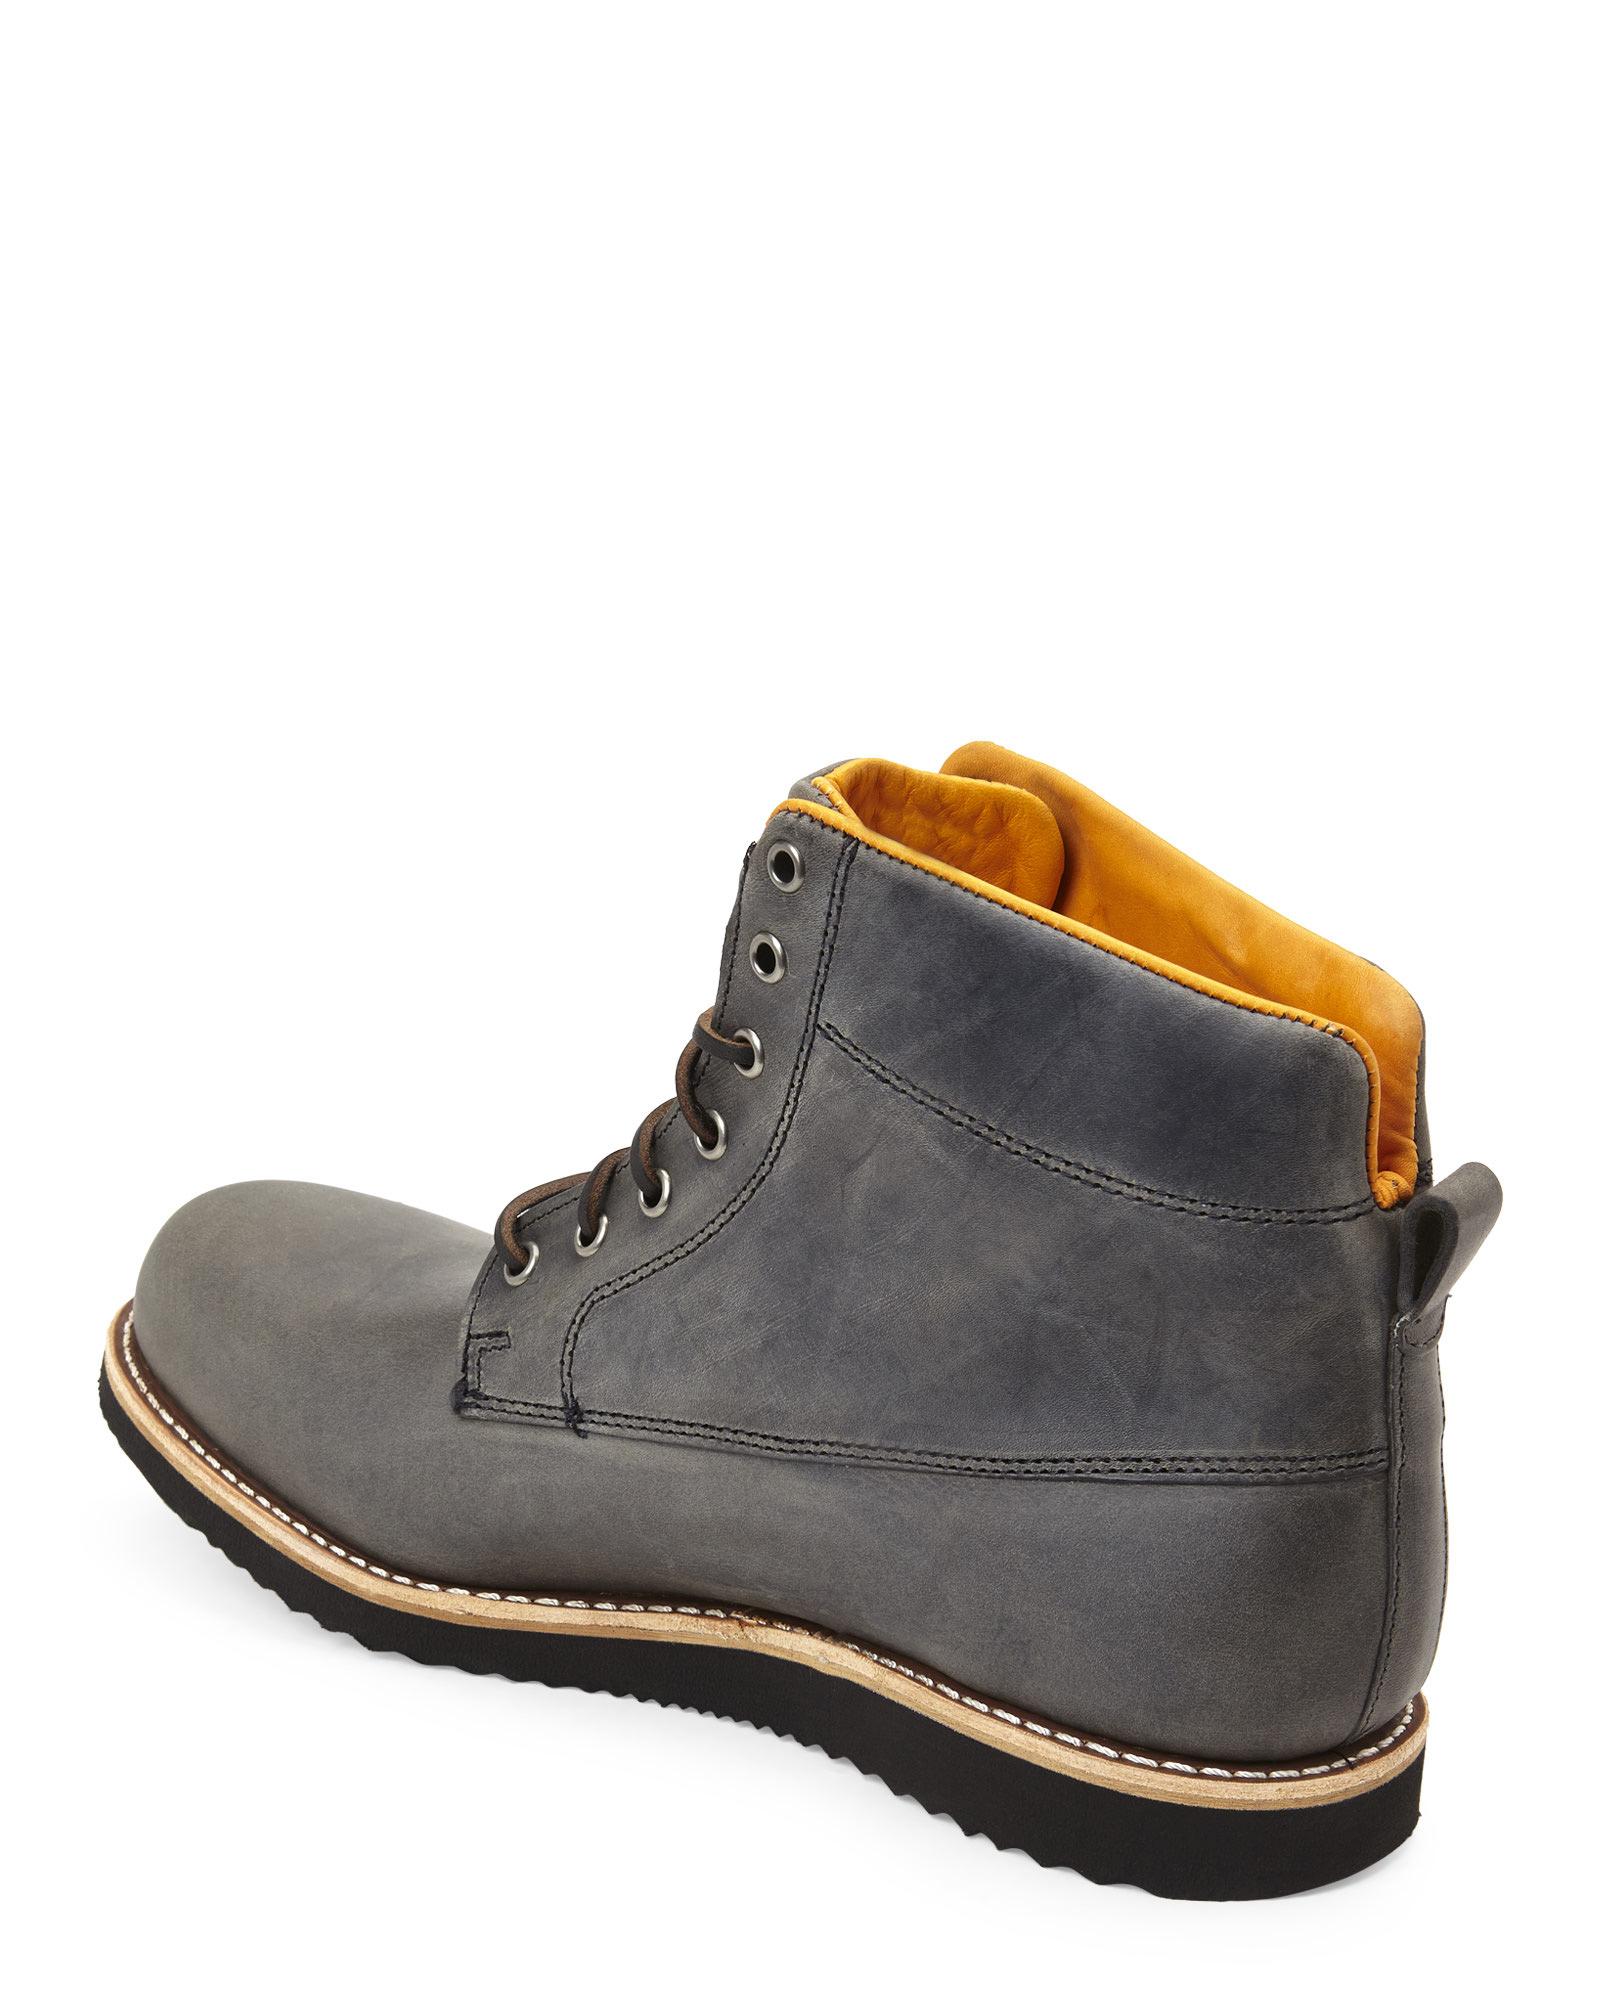 Mens Boots UGG Goodwin Flint